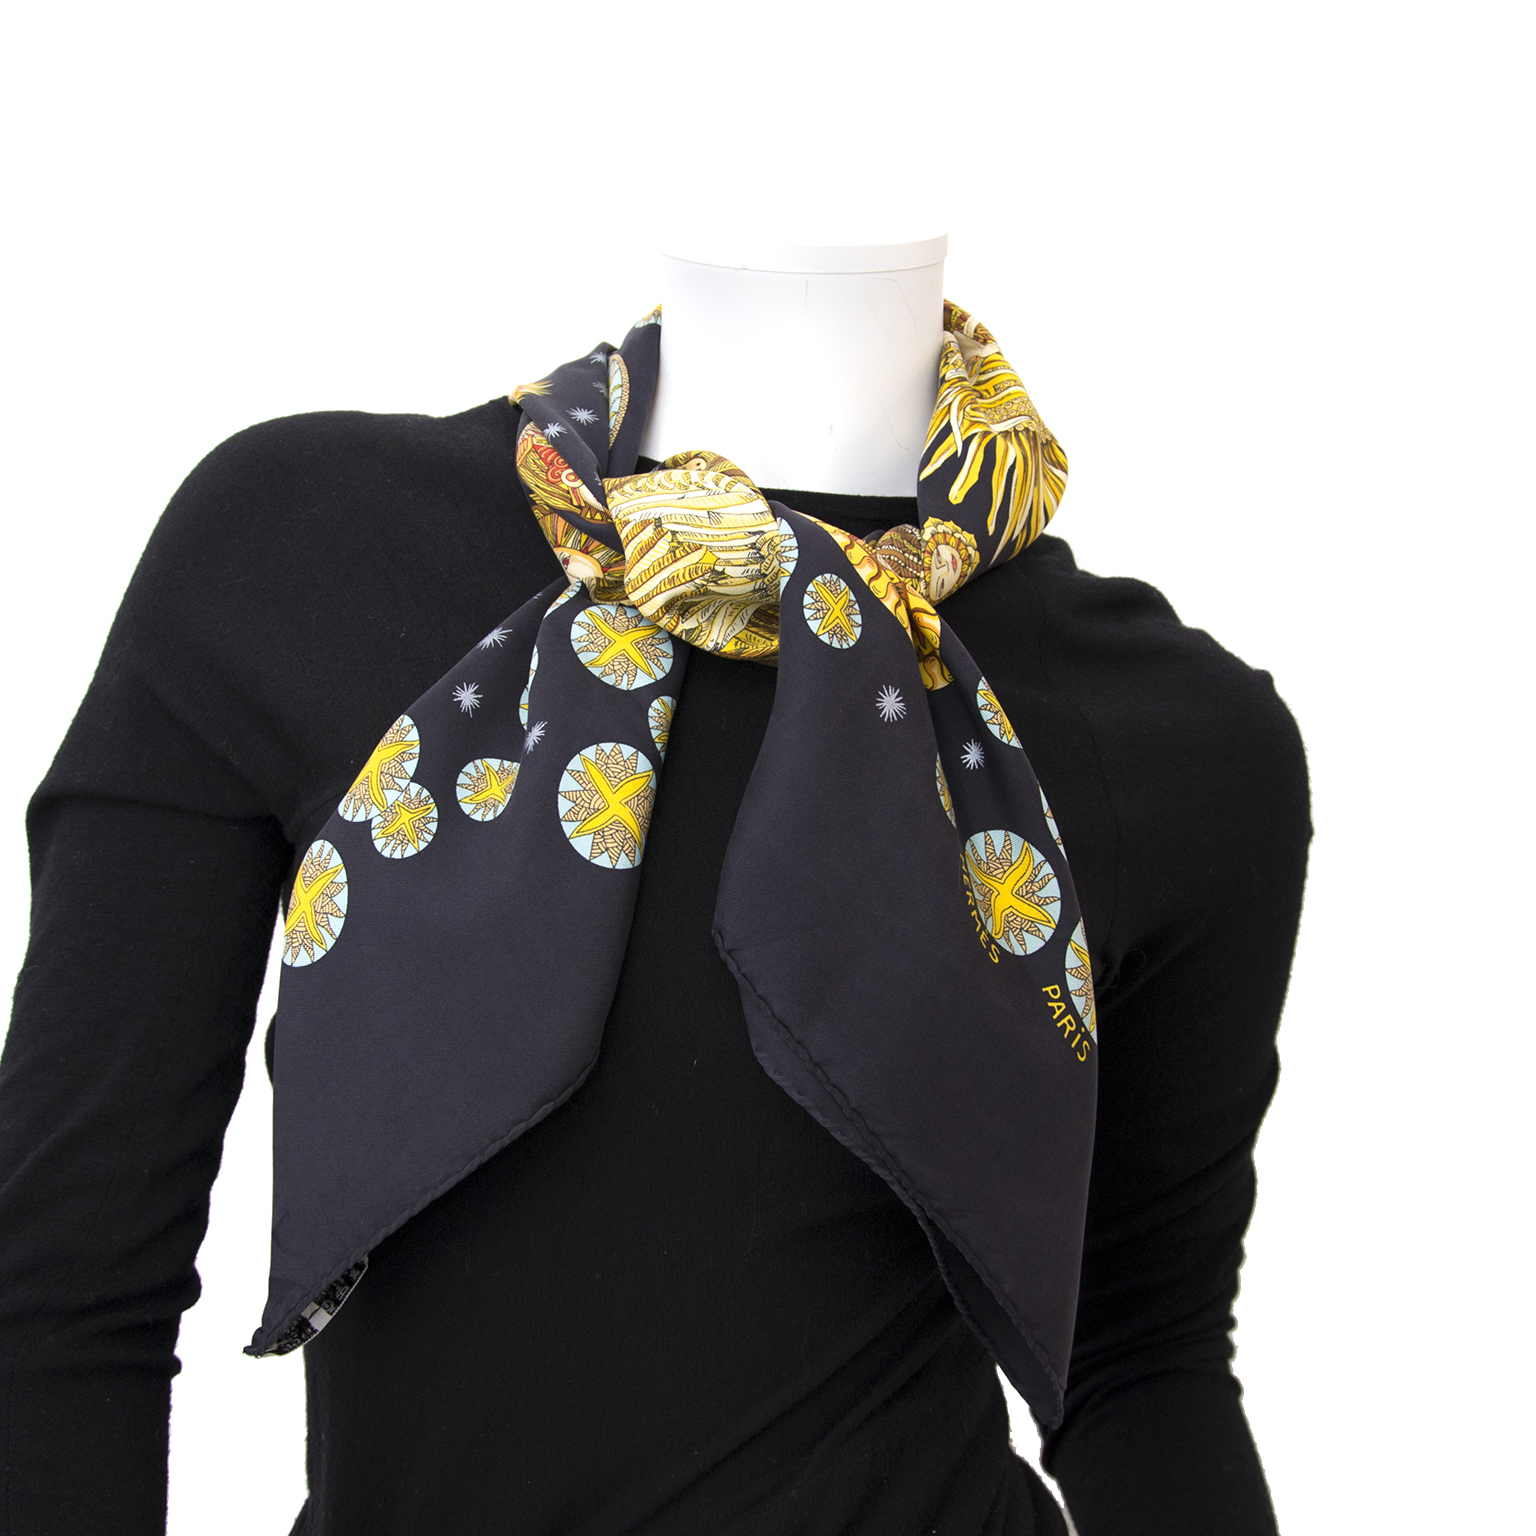 acheter enligne pour le meilleur prix Hermès carré de soie